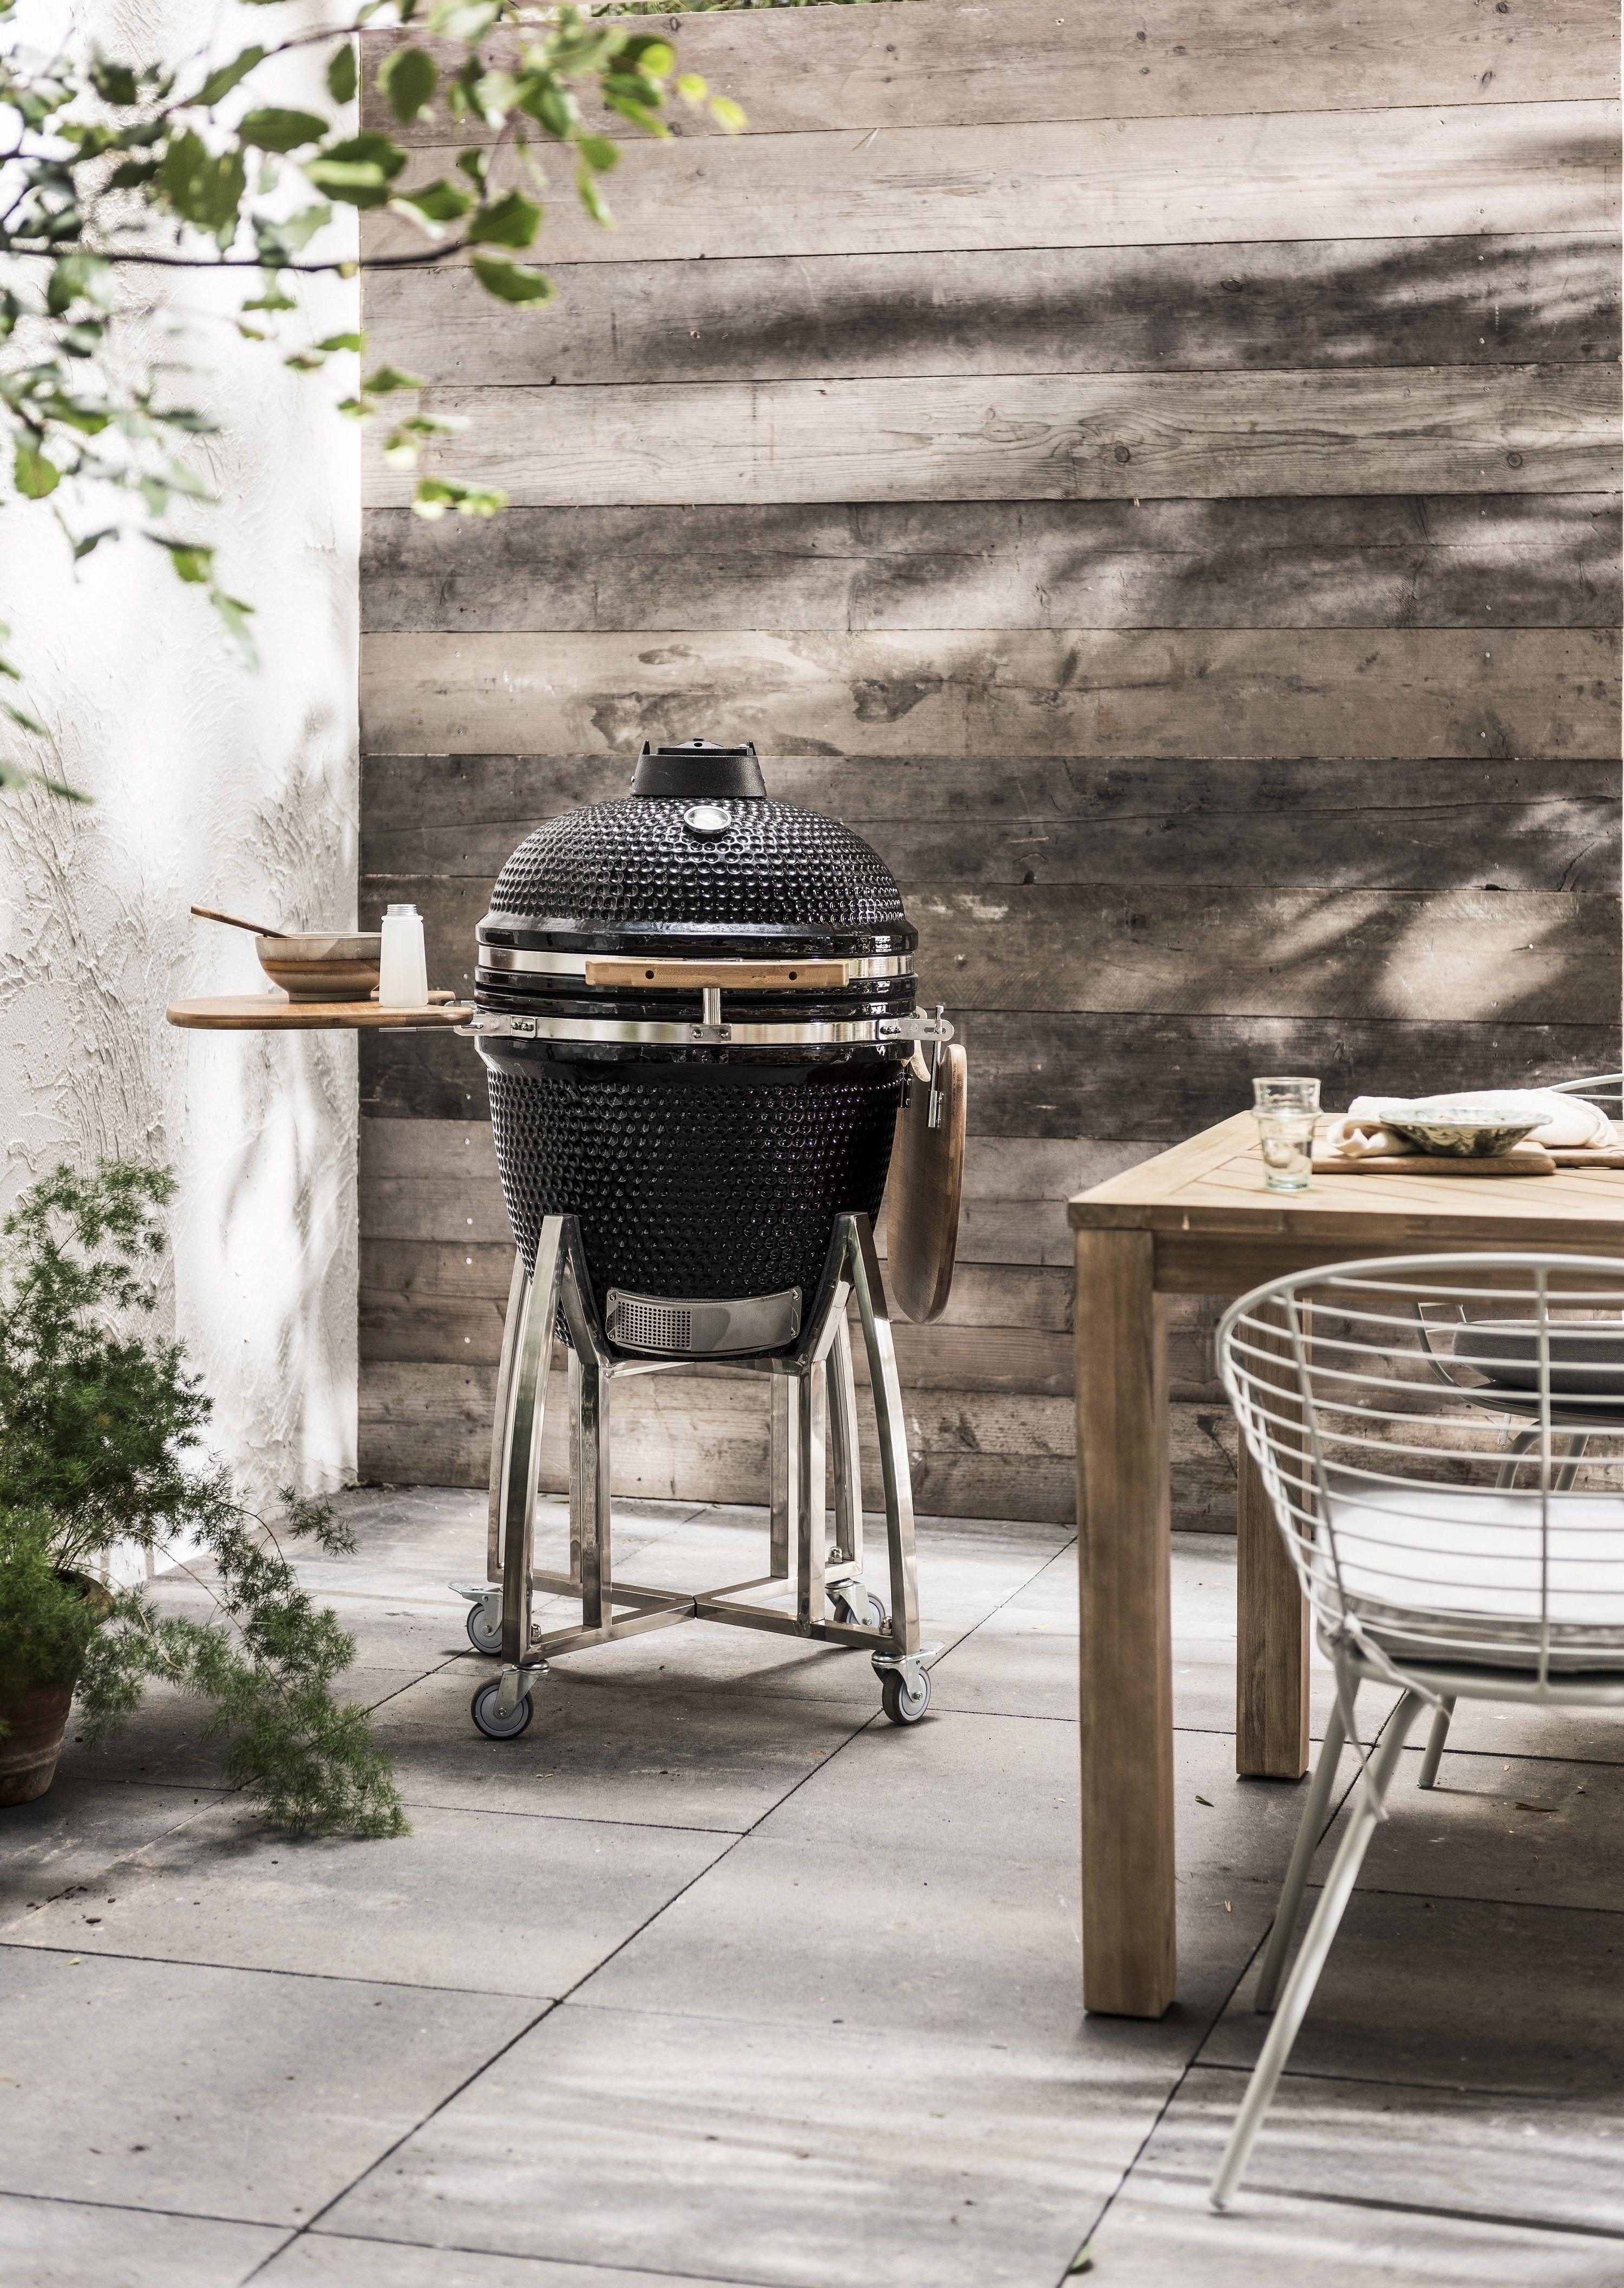 Hangmat Kopen Karwei.Keramische Kamado Barbecue Ceramic Barbecue Karwei 3 2018 Home